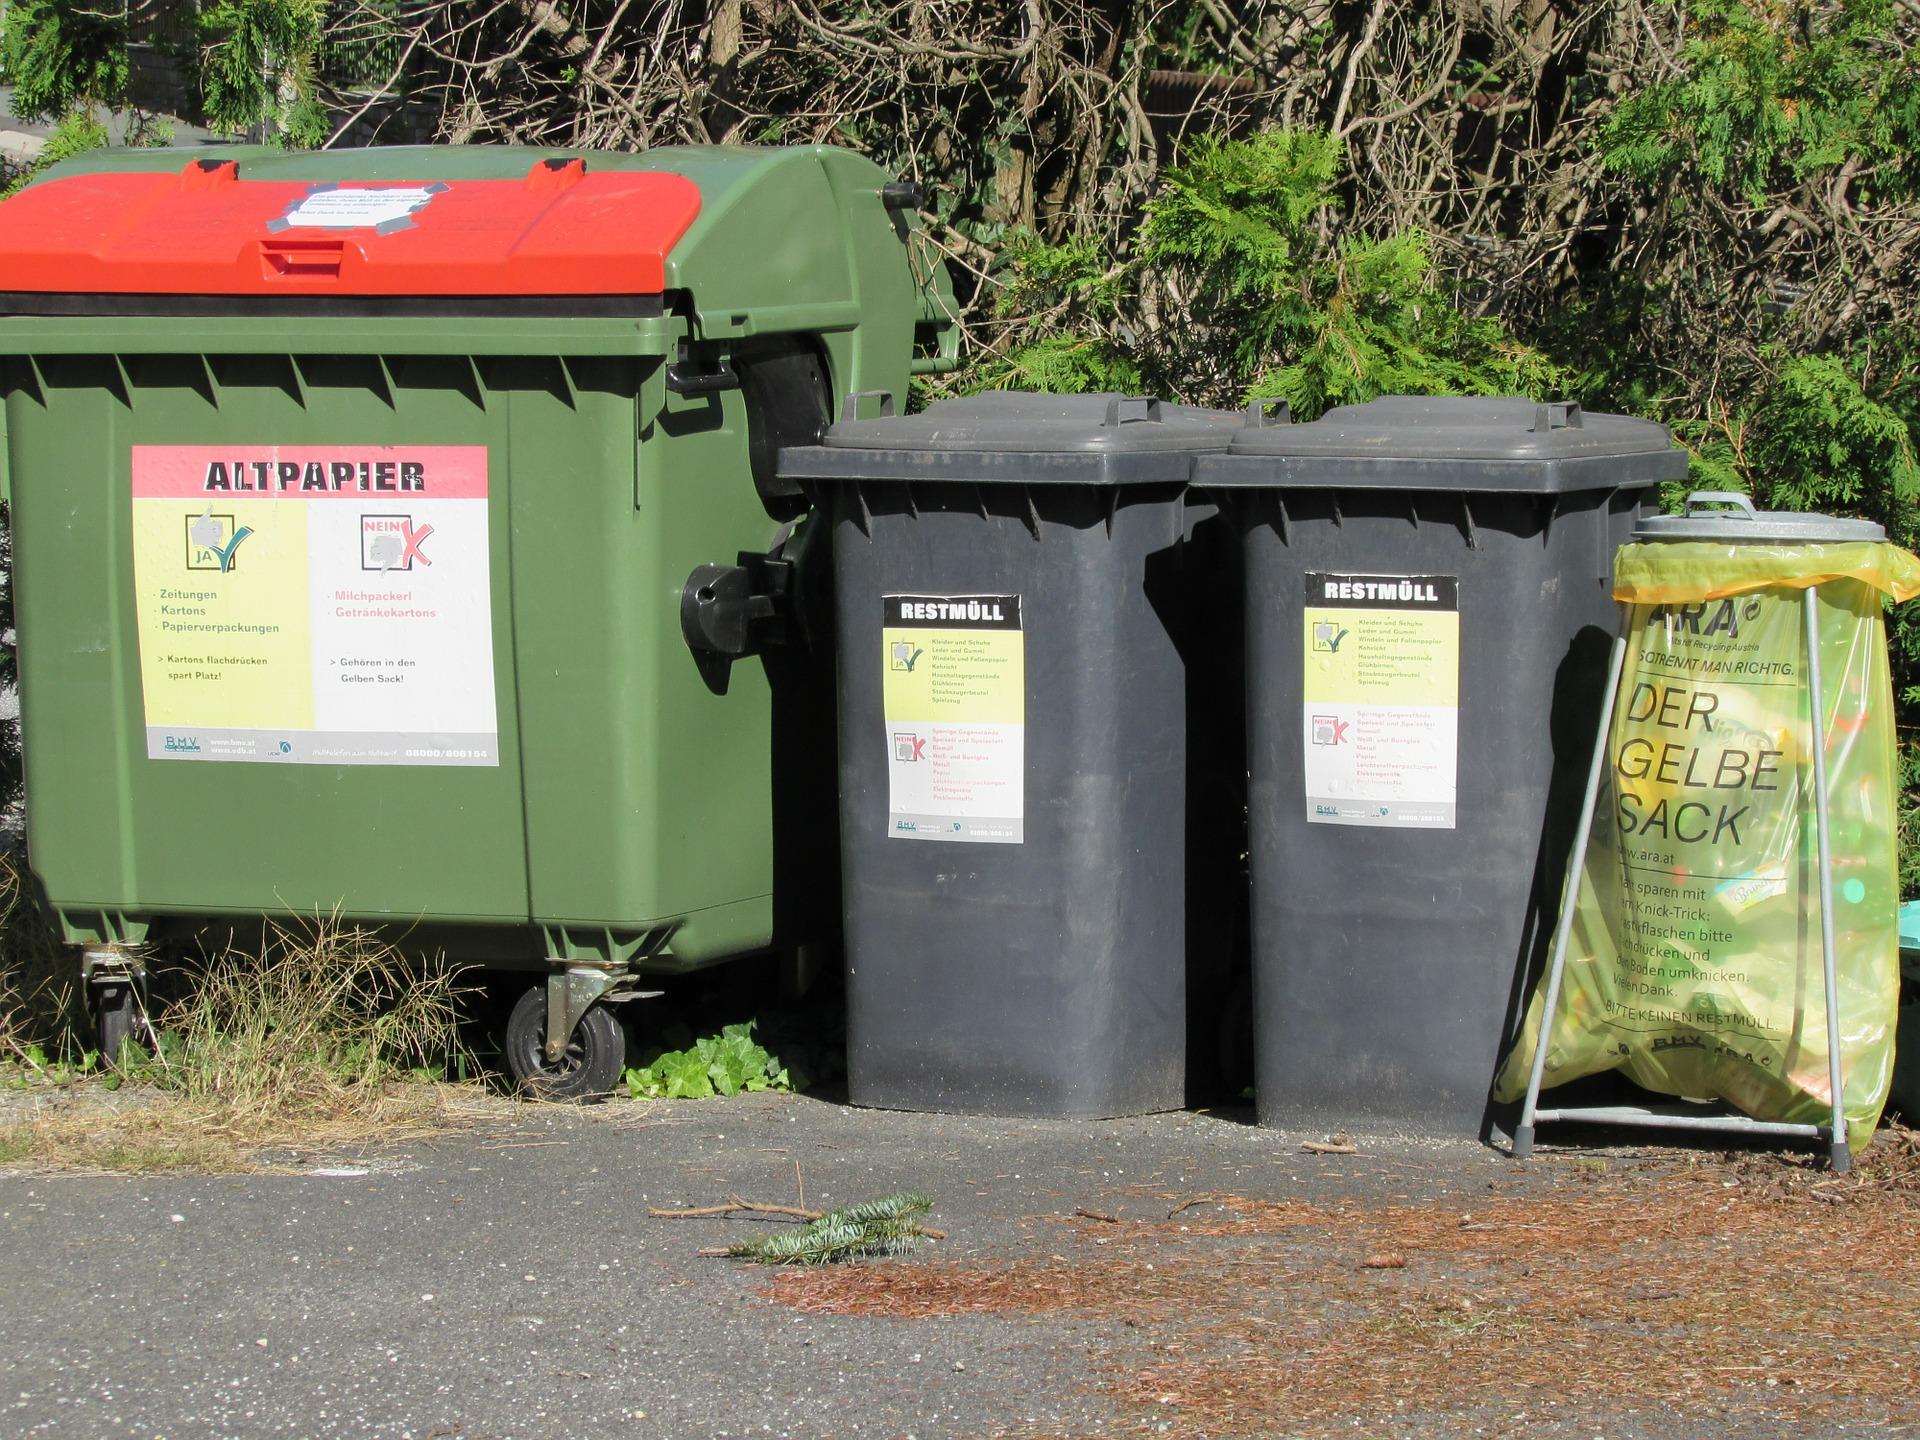 знали, картинка на мусорных баках написано мира добра после погрузки поезд